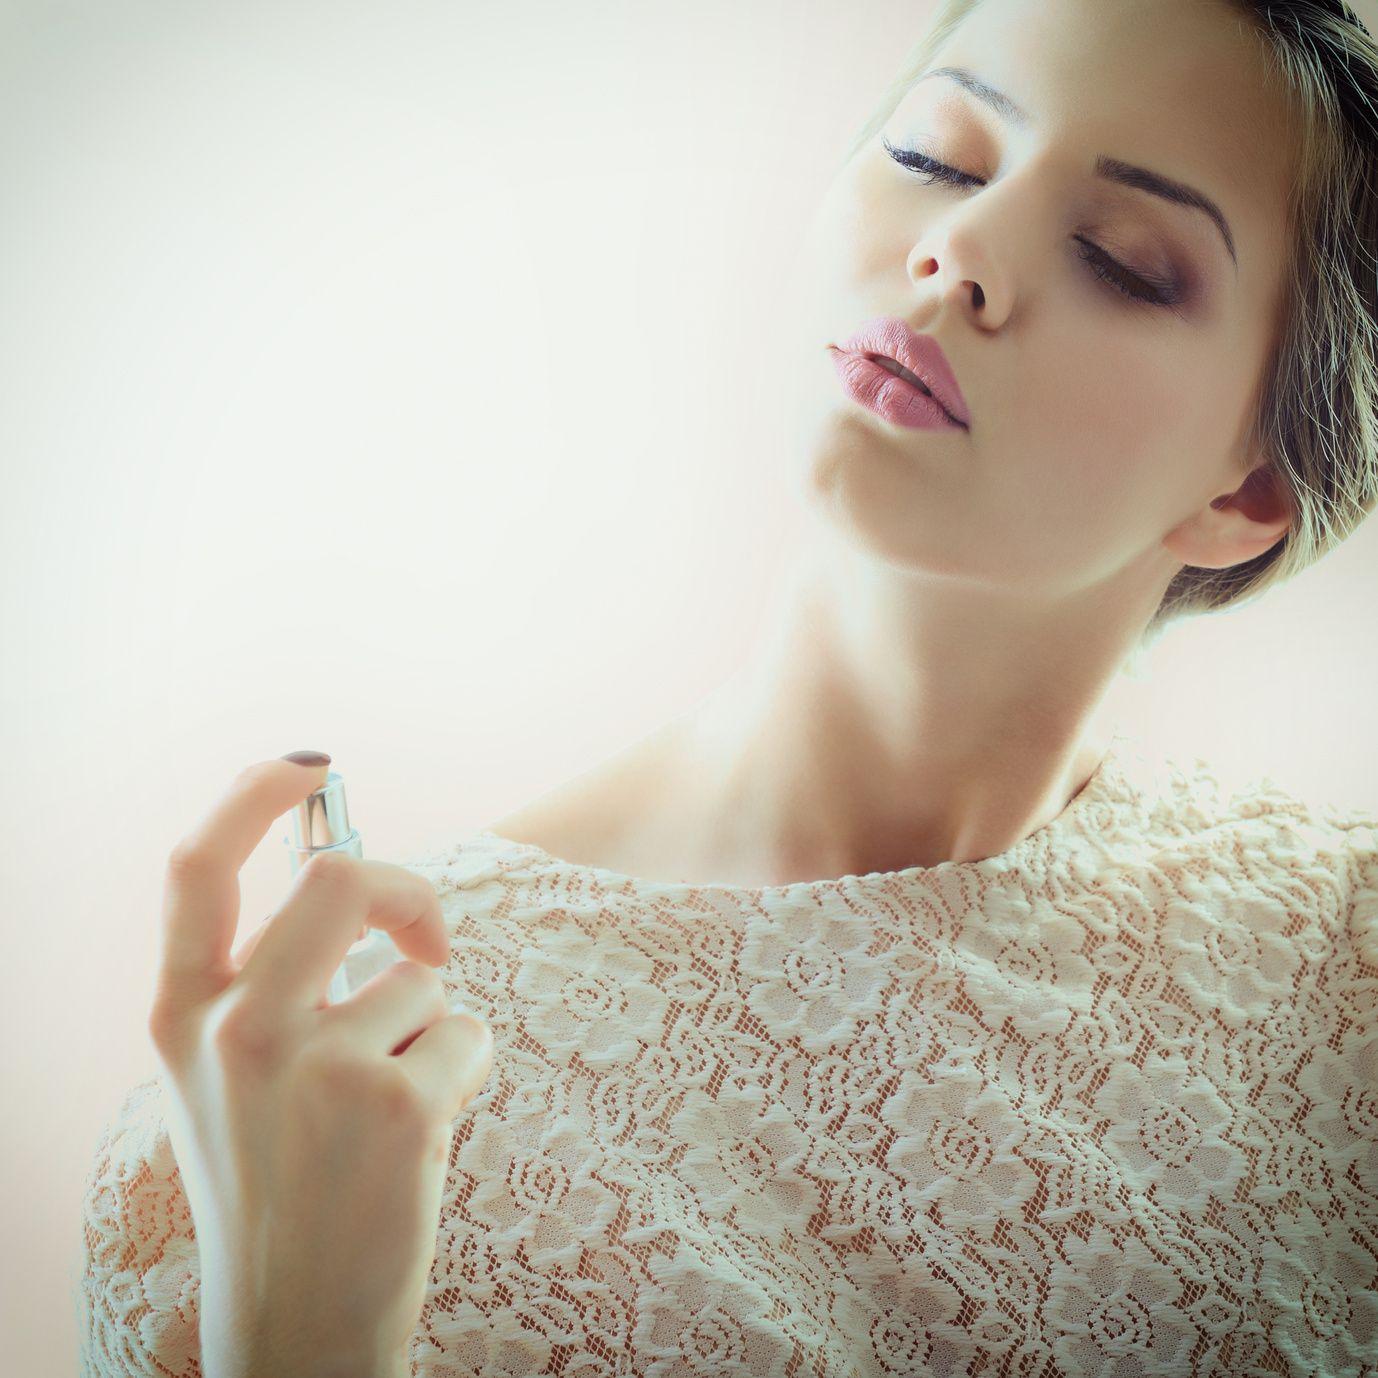 Näin suosimasi hajuveden tuoksu kuvailee sinua